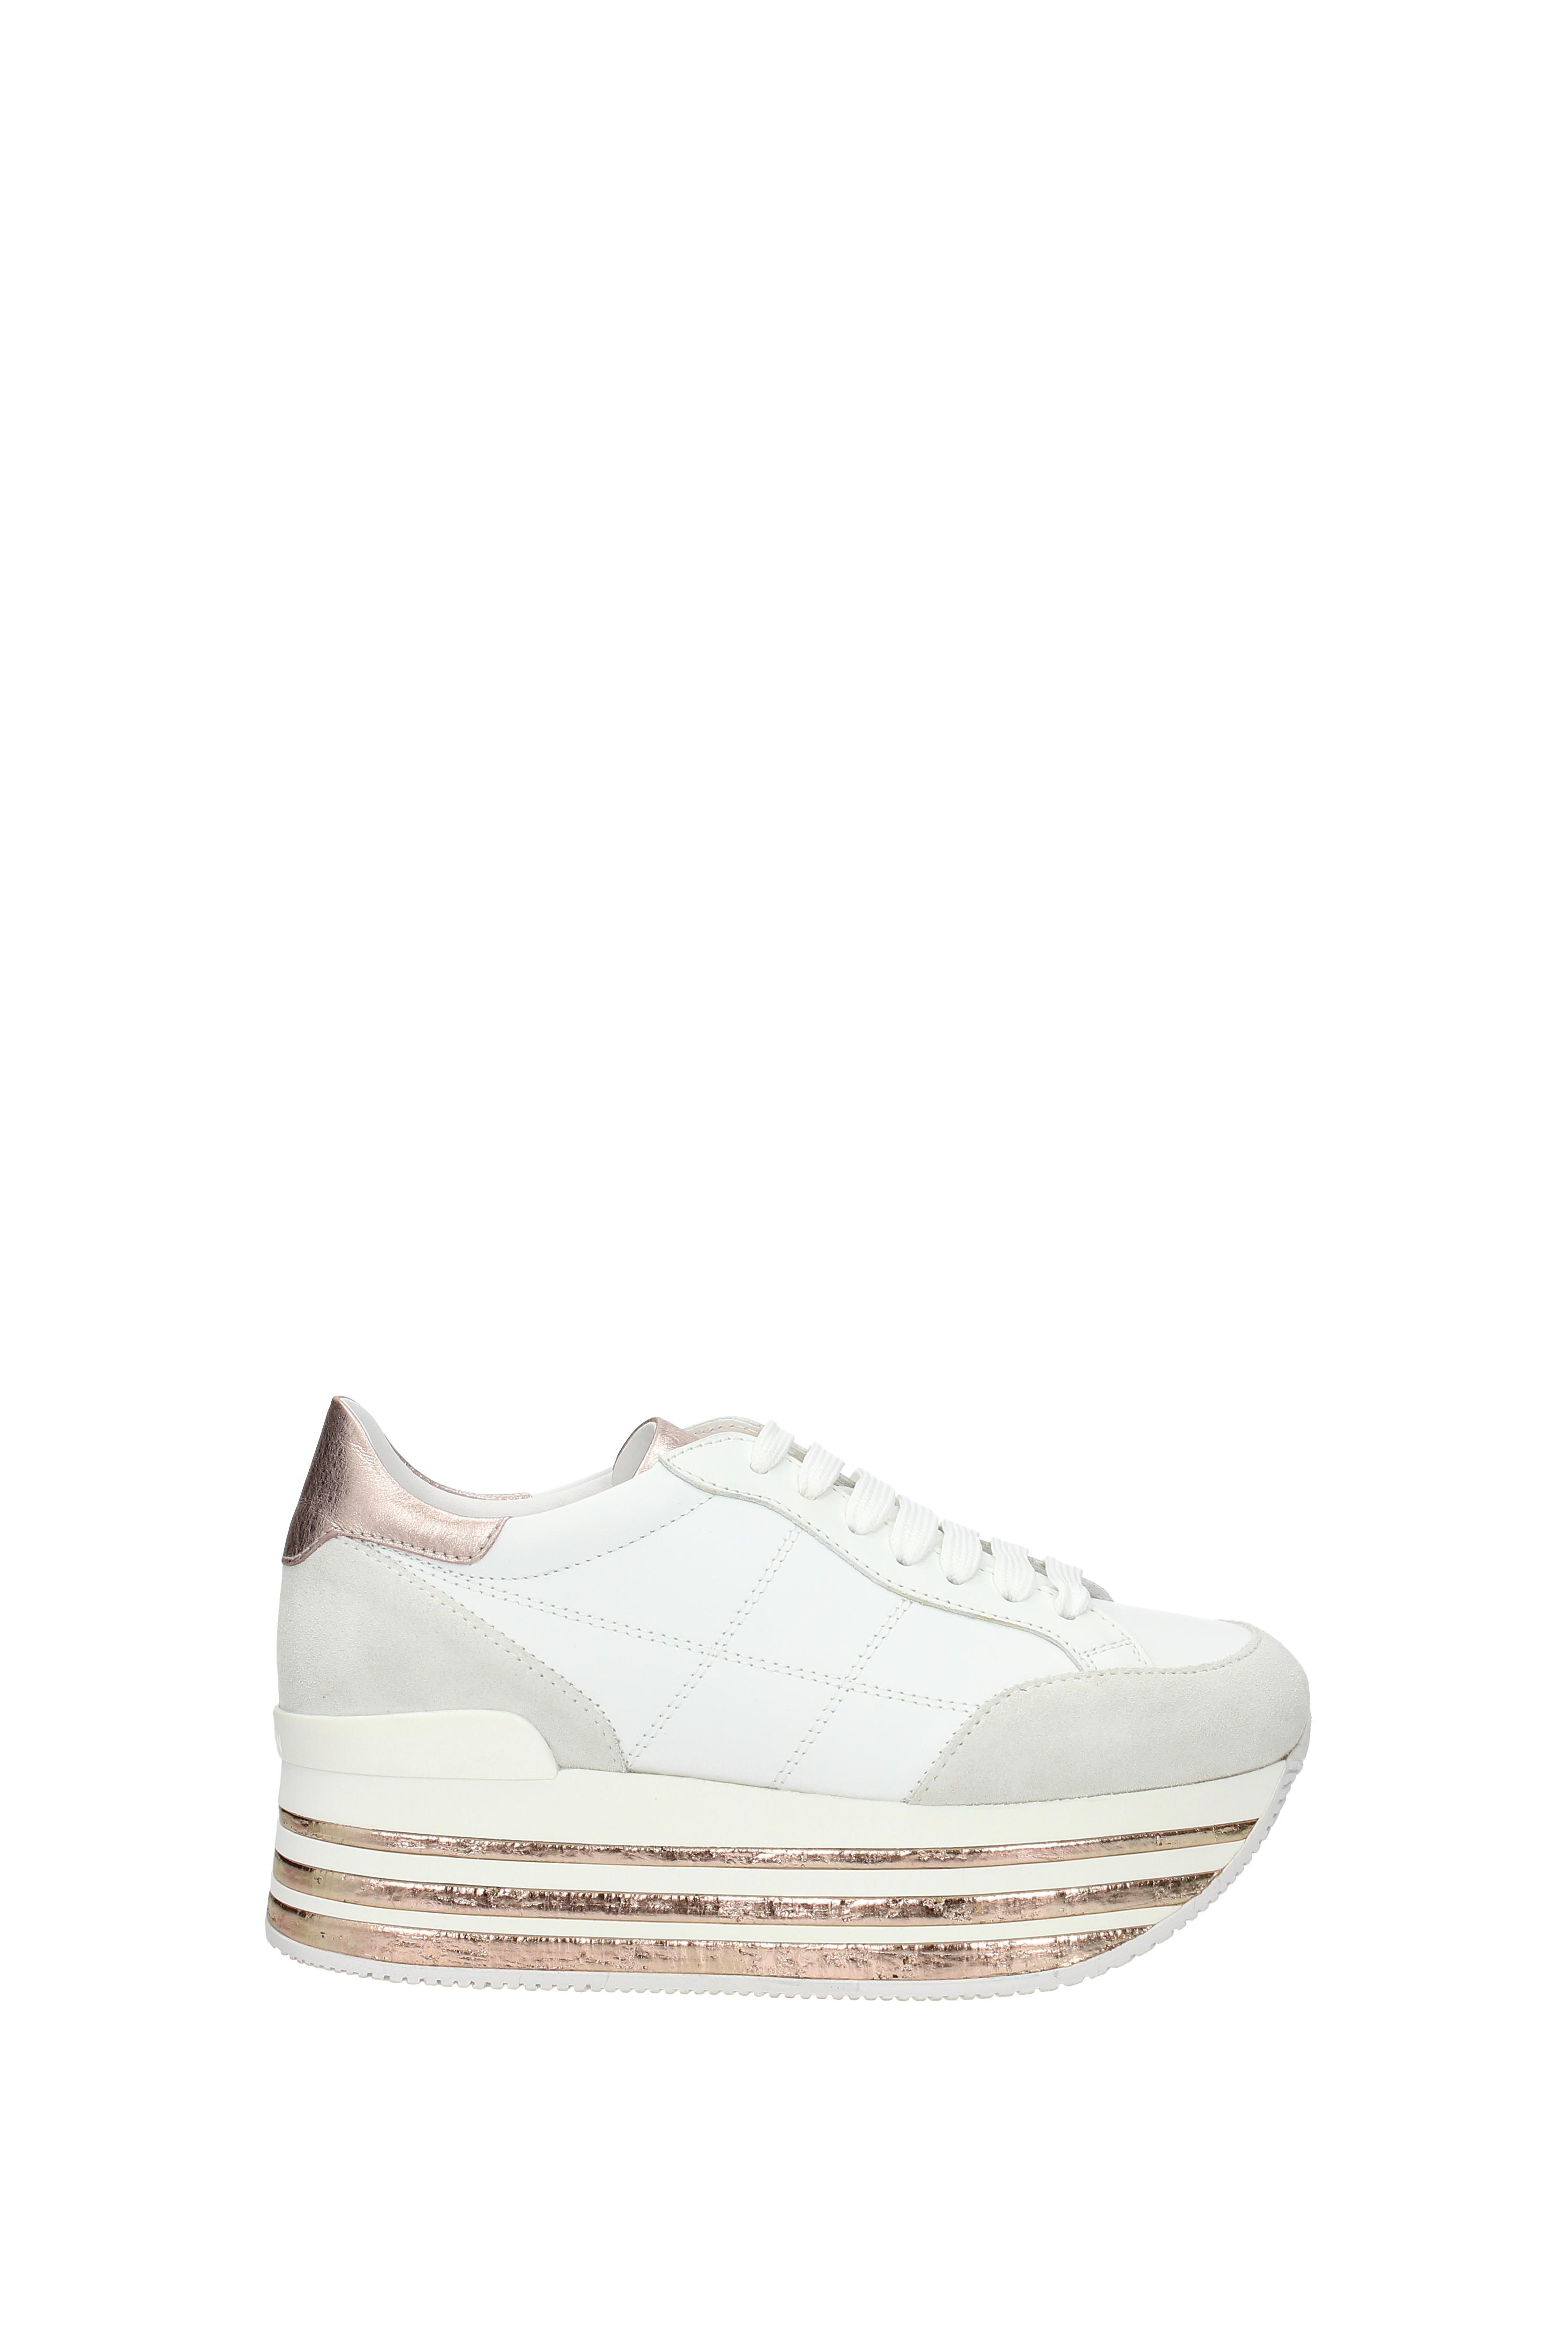 Sneakers Hogan Damen Damen Damen - Leder (HXW3490J061I7X) 8cc841